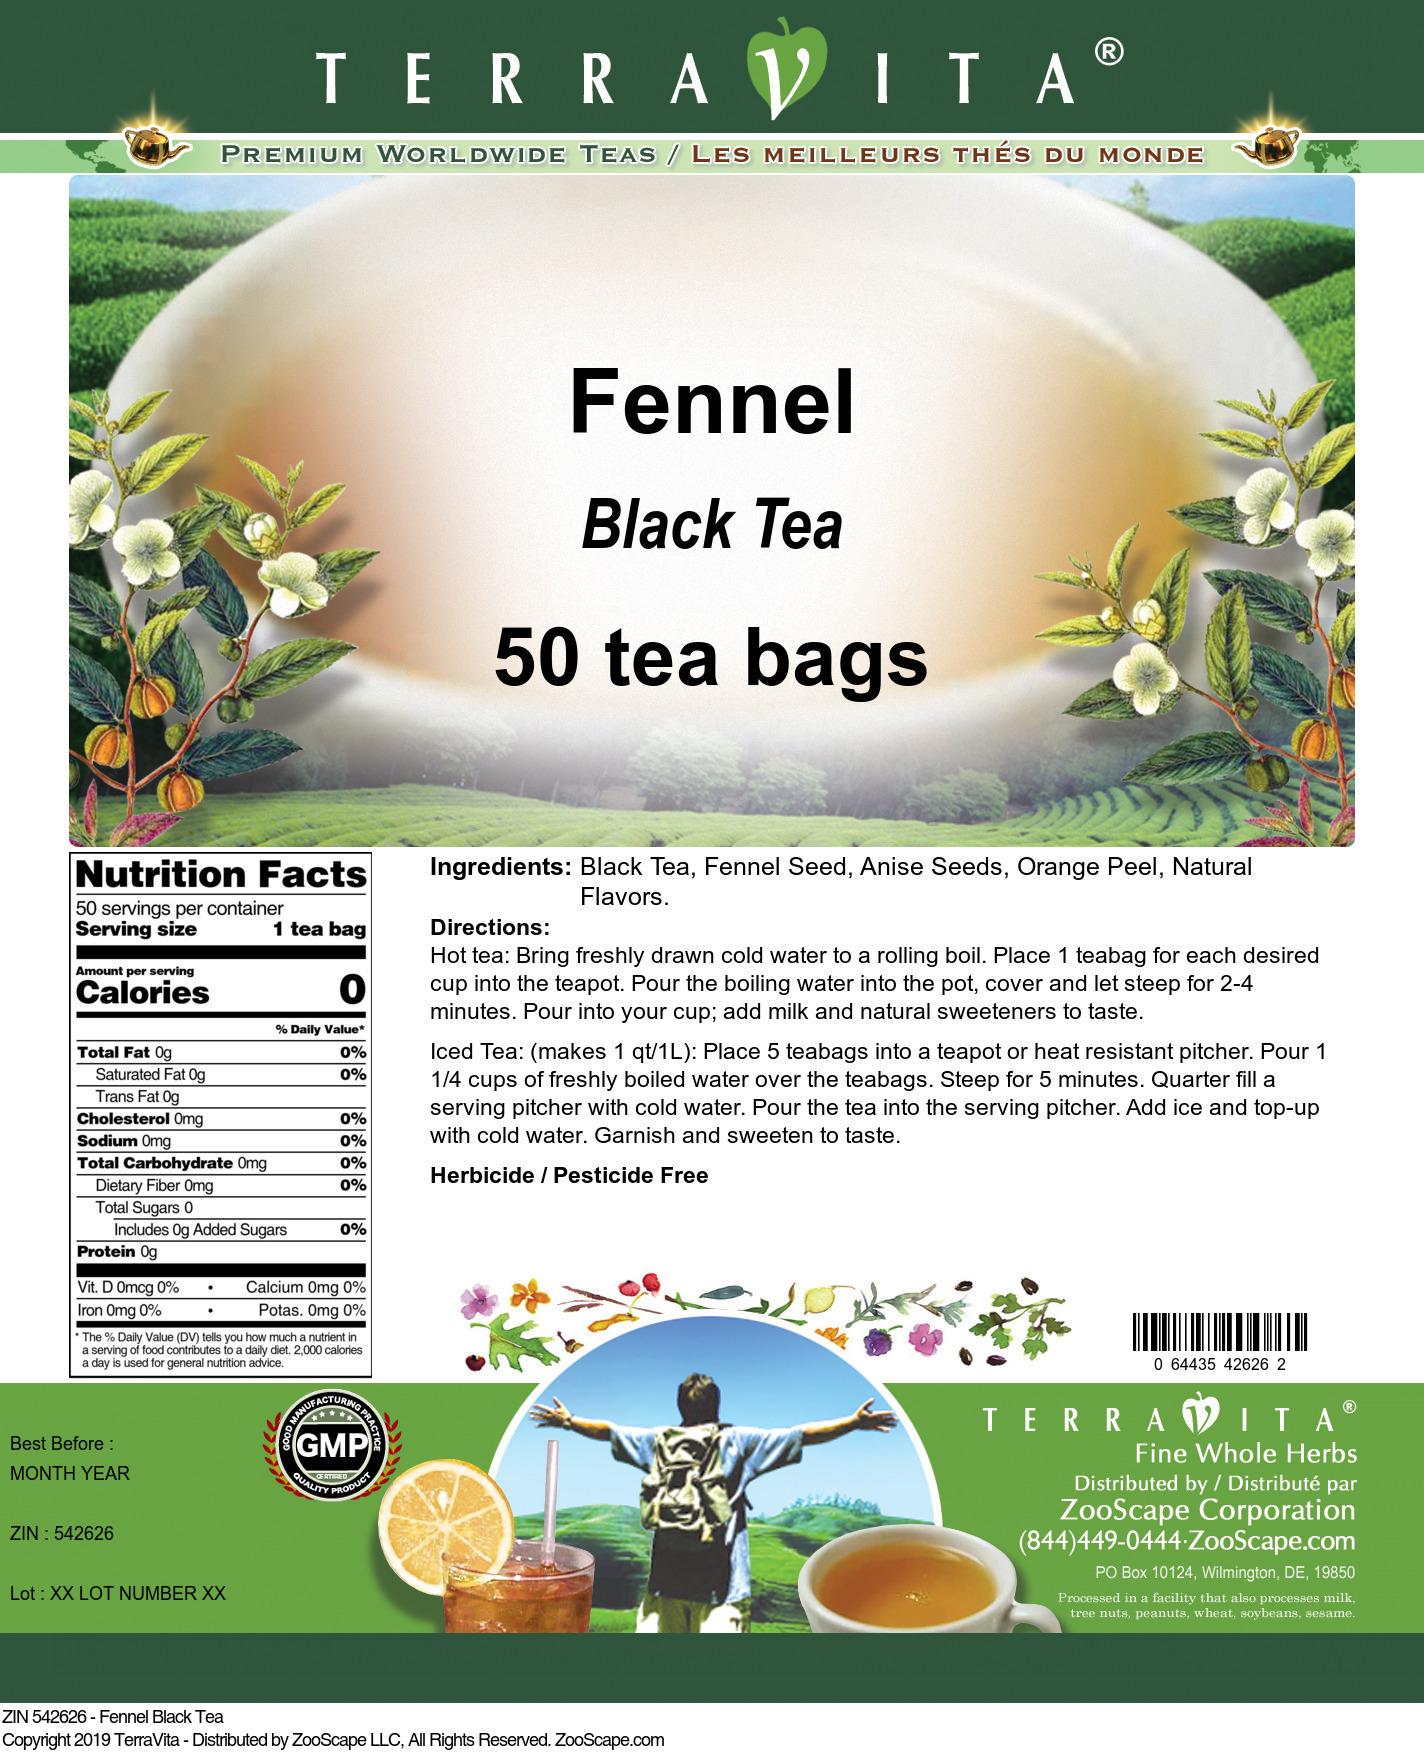 Fennel Black Tea